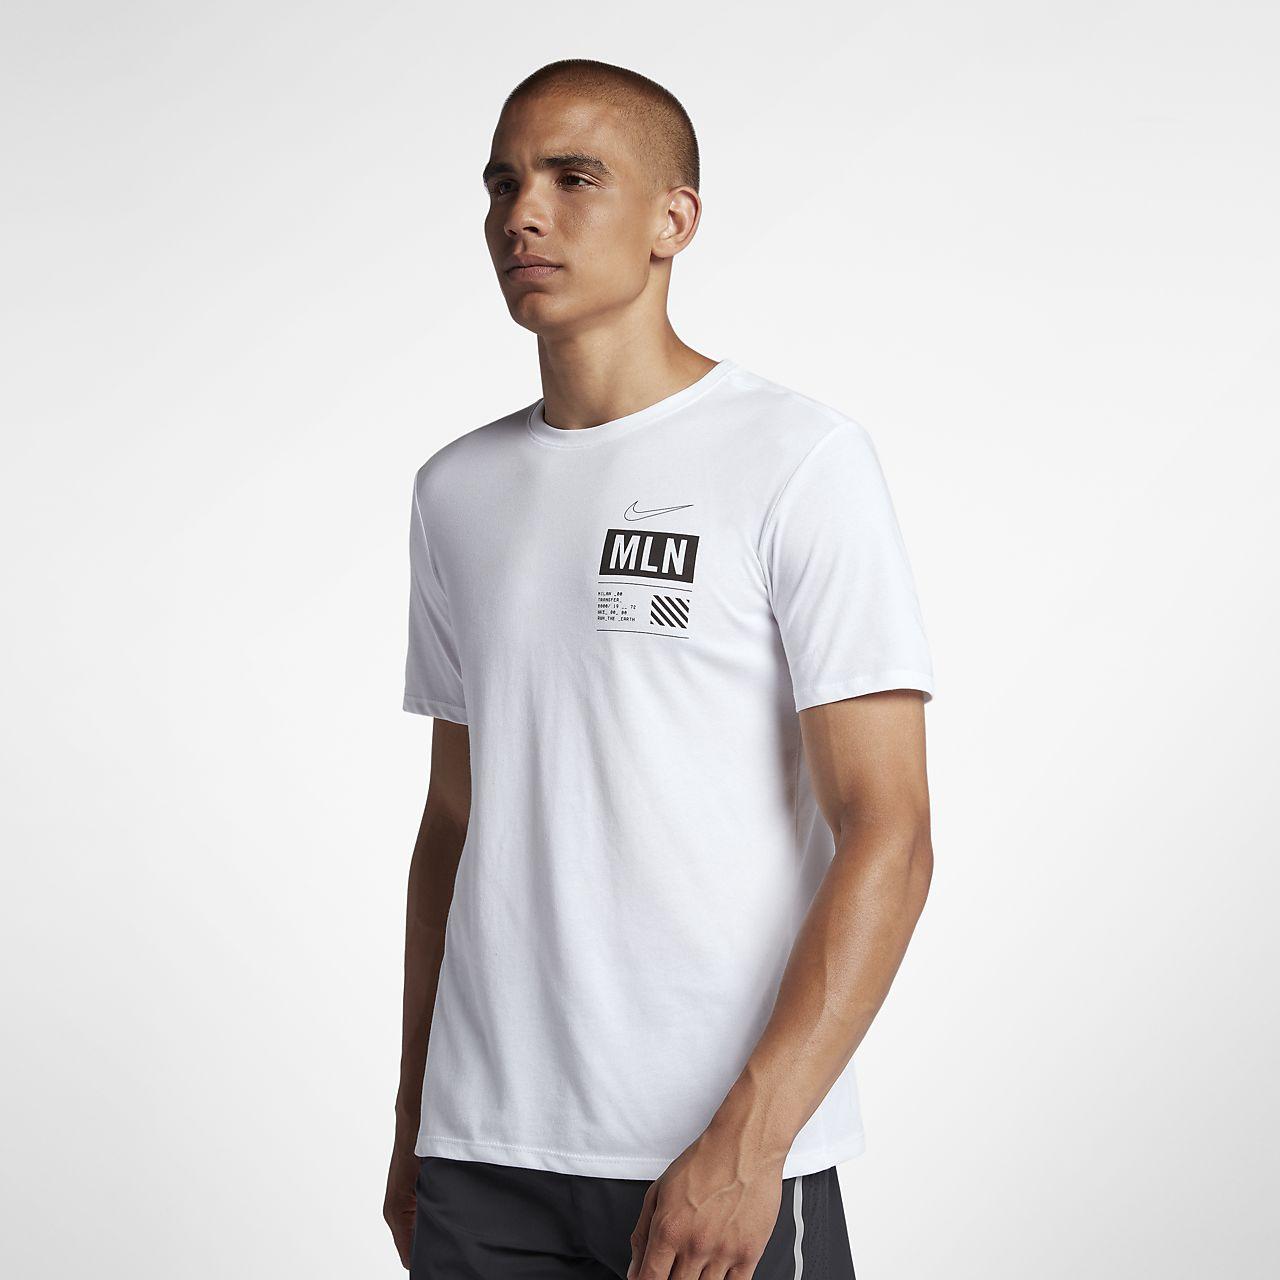 Nike Dri FIT (Milan) Lauf T Shirt für Herren